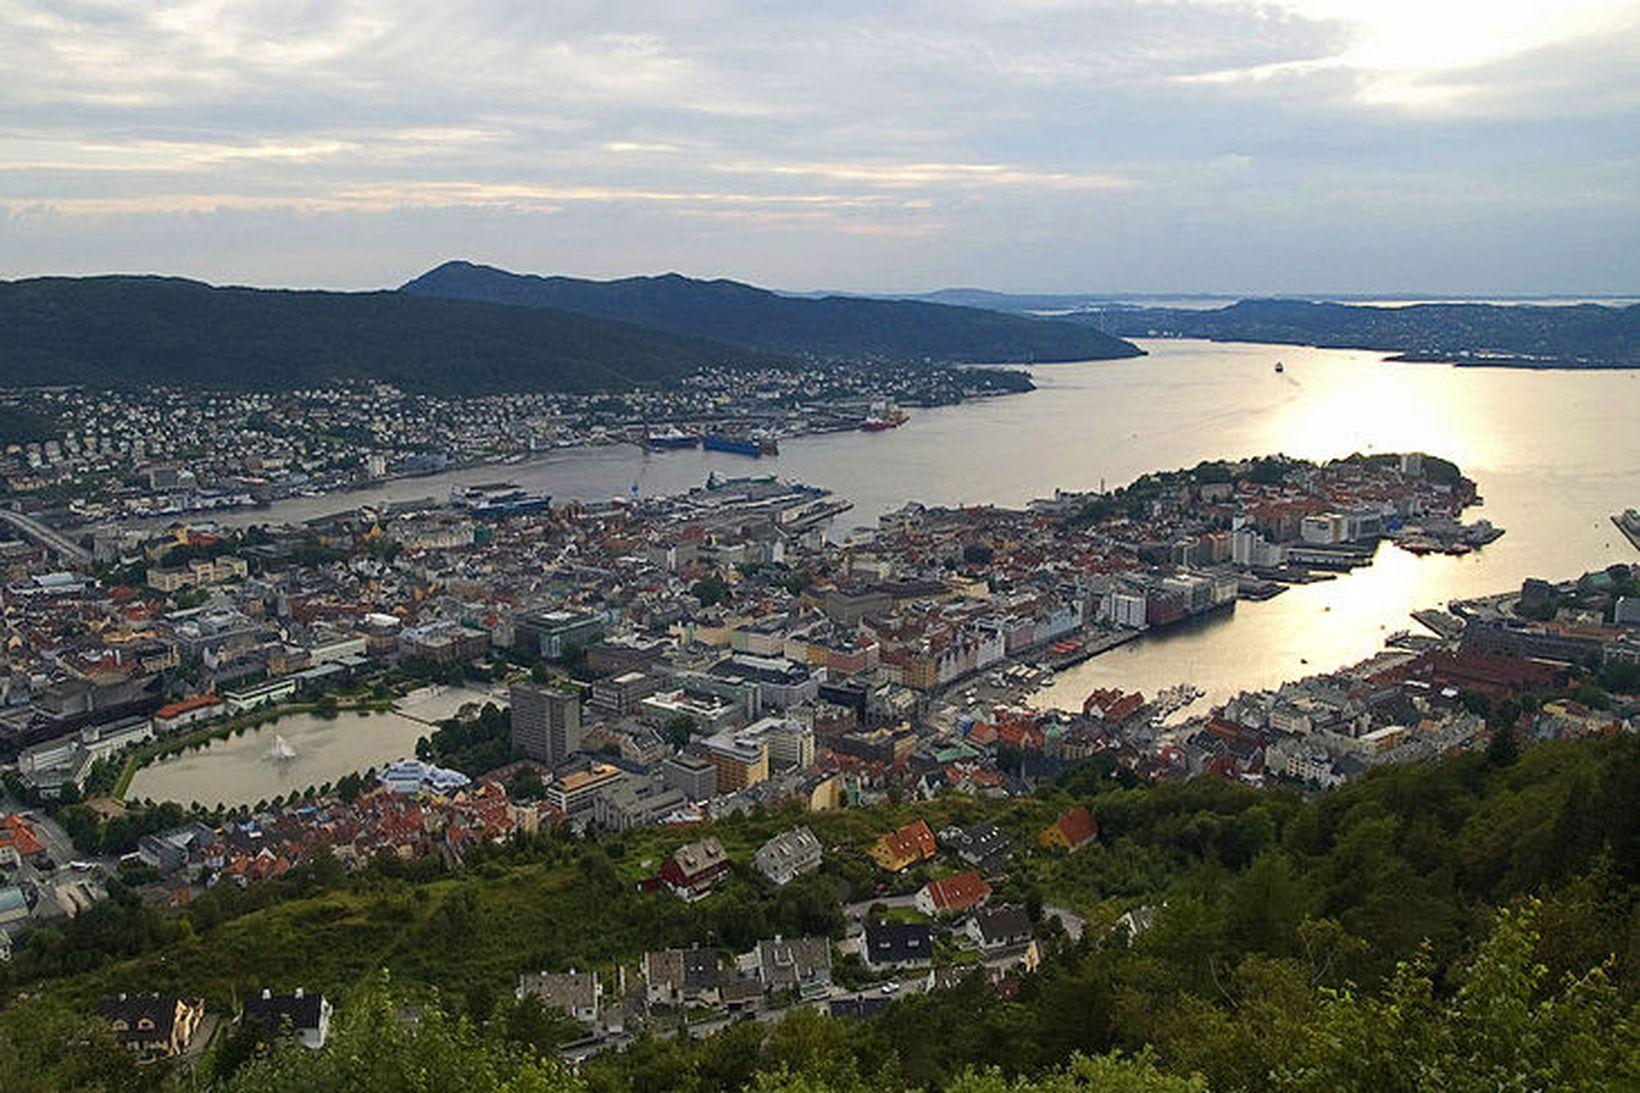 Bergen við vesturströnd Noregs. Umfangsmikil lögreglurannsókn í kjölfar líkfundar á …